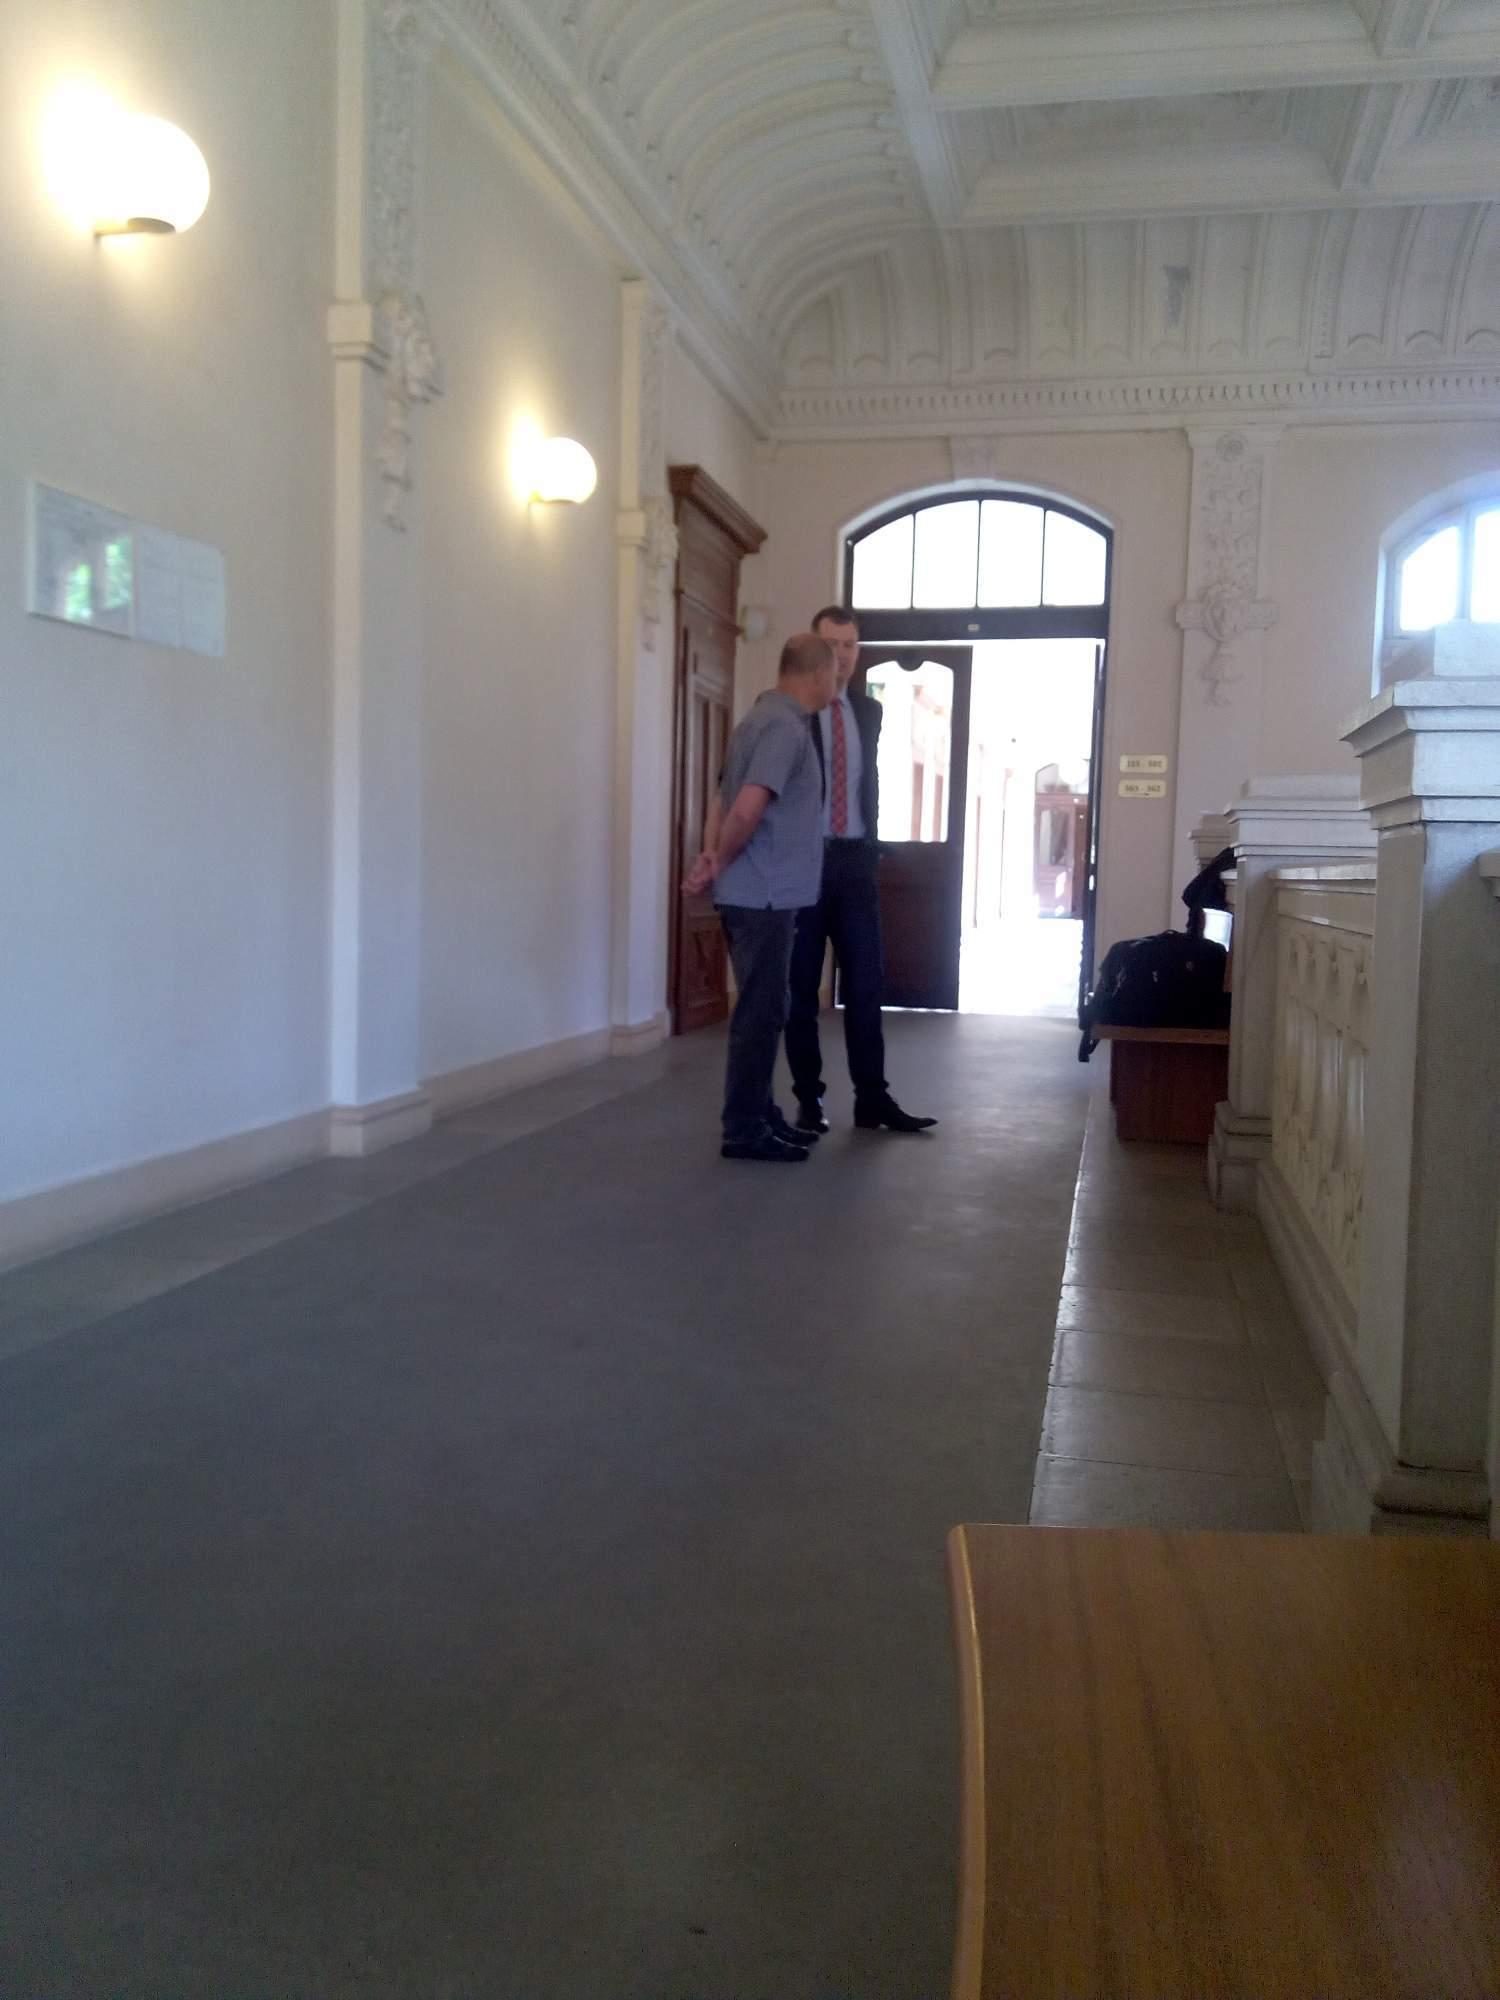 Obžalovaný Martin Charamza před jednáním. / Foto: Lenka Jebáčková